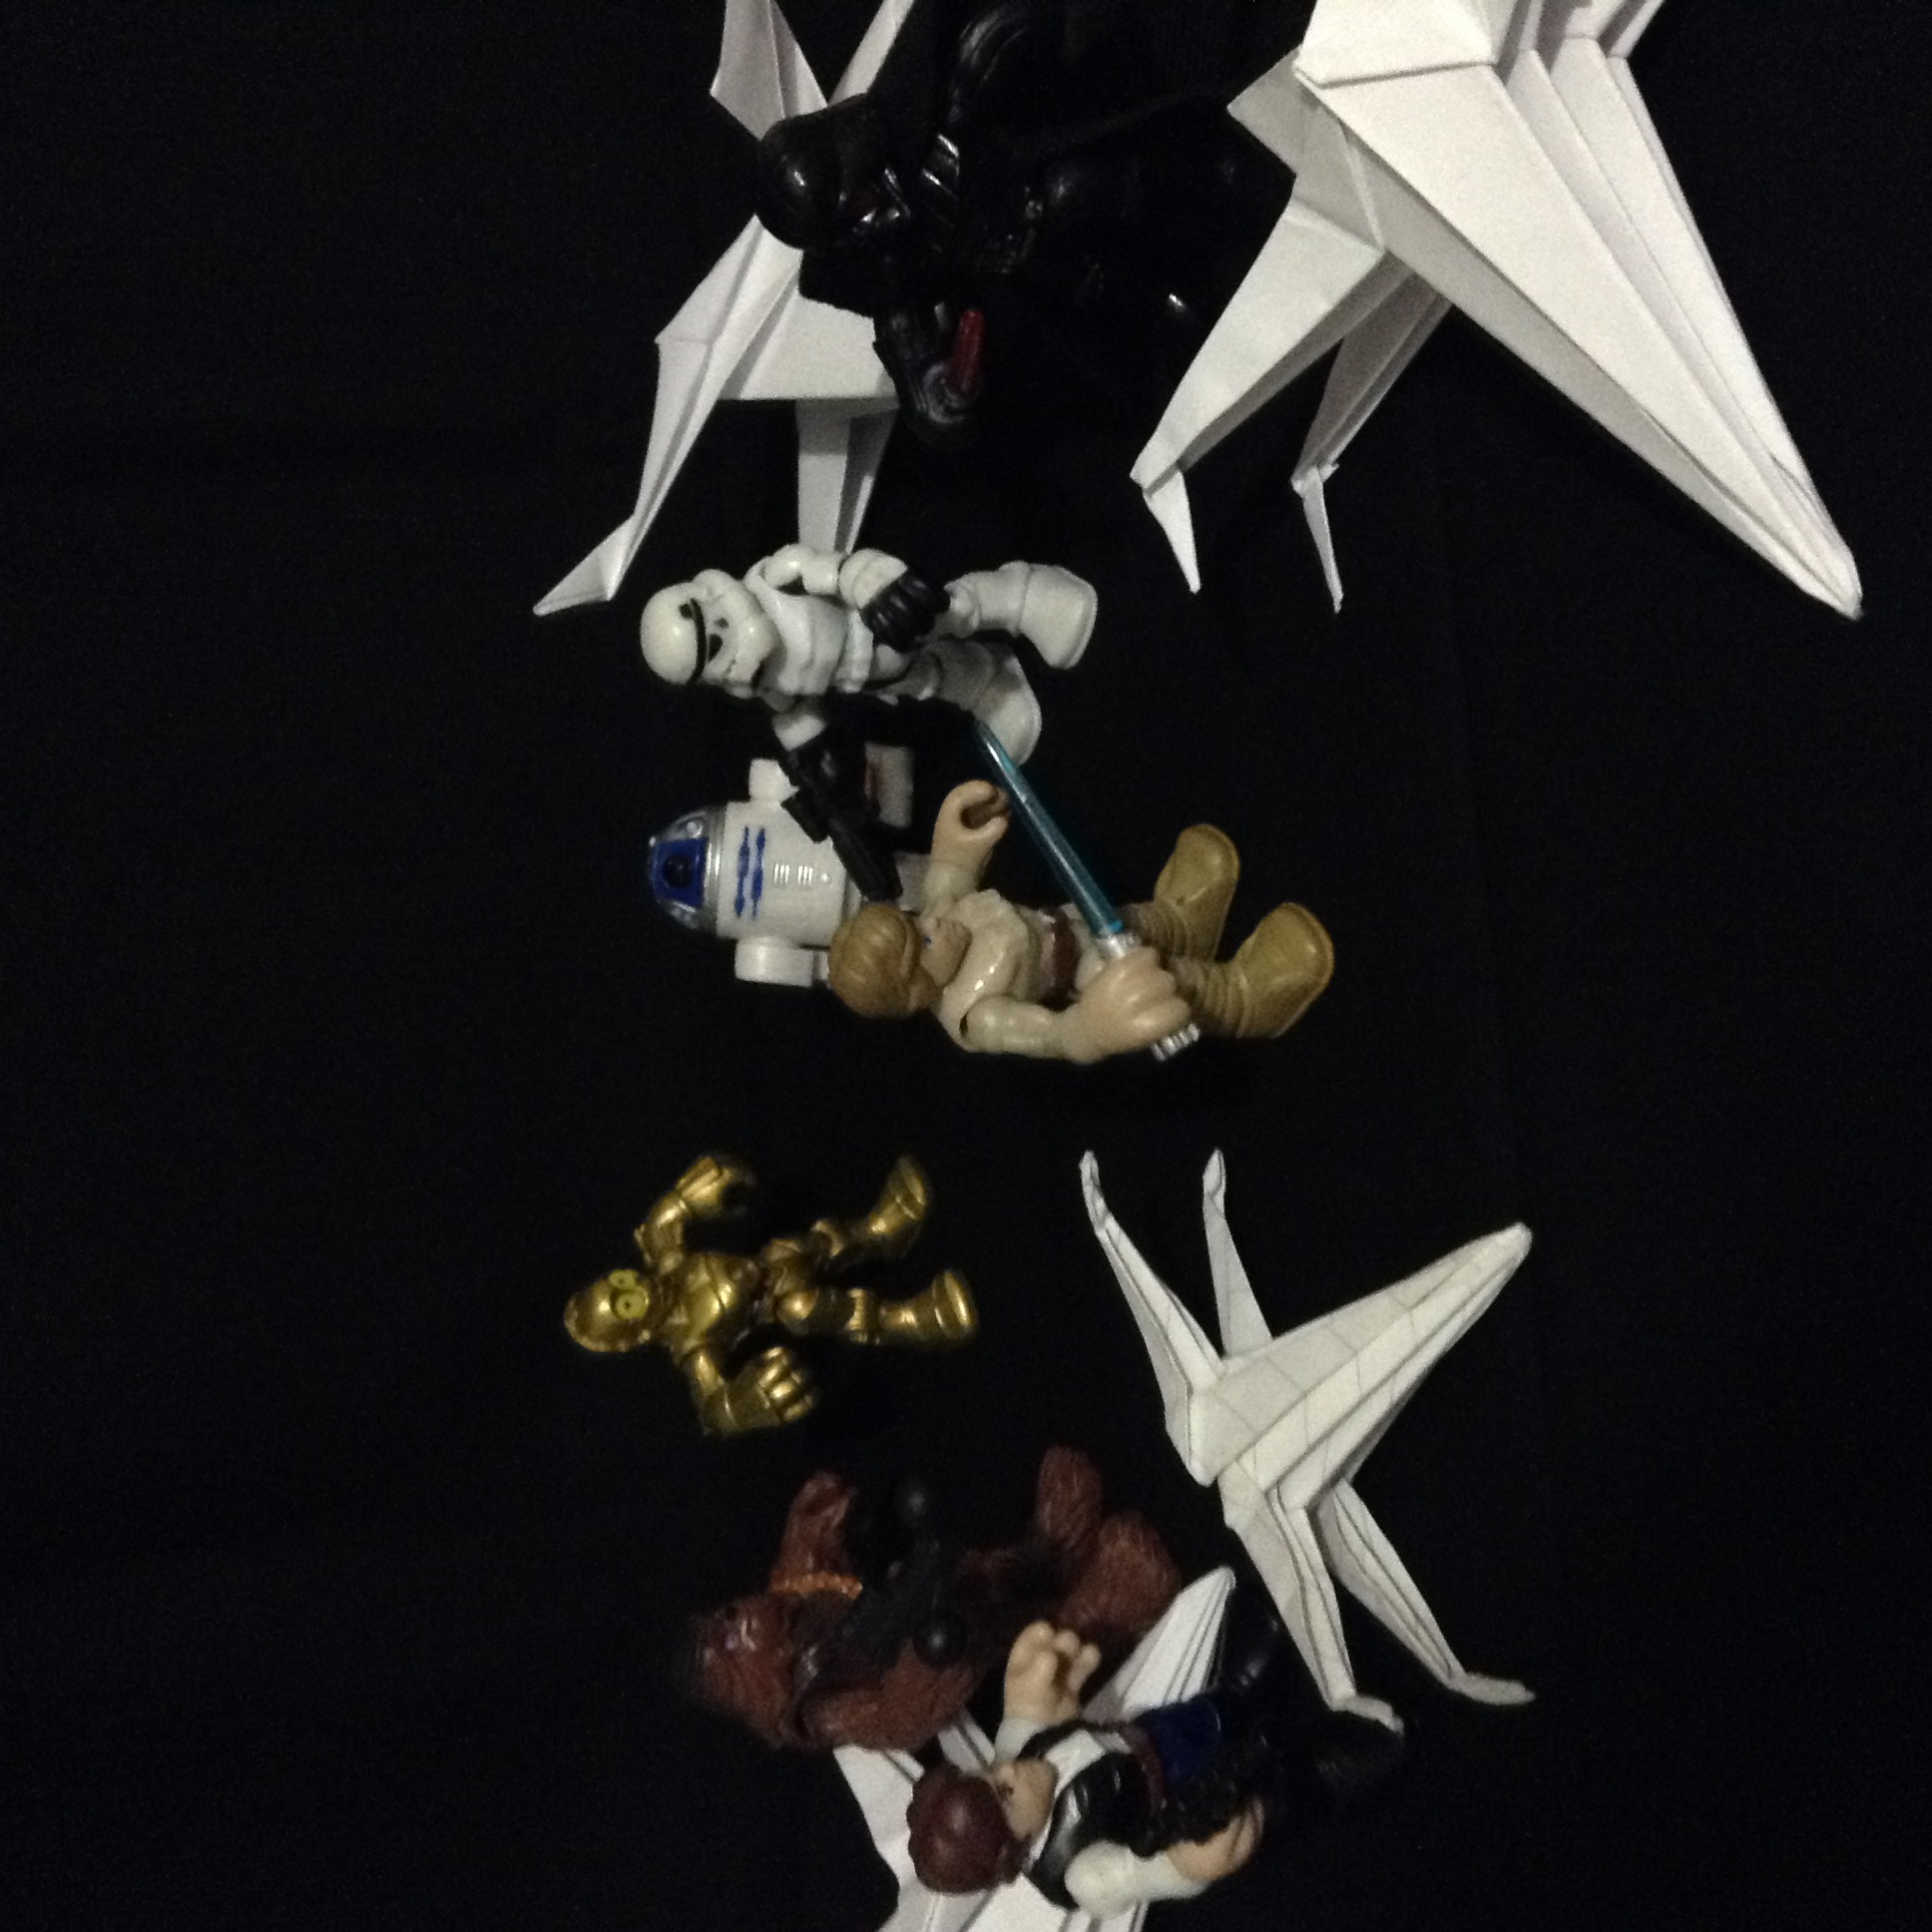 Paper space battle